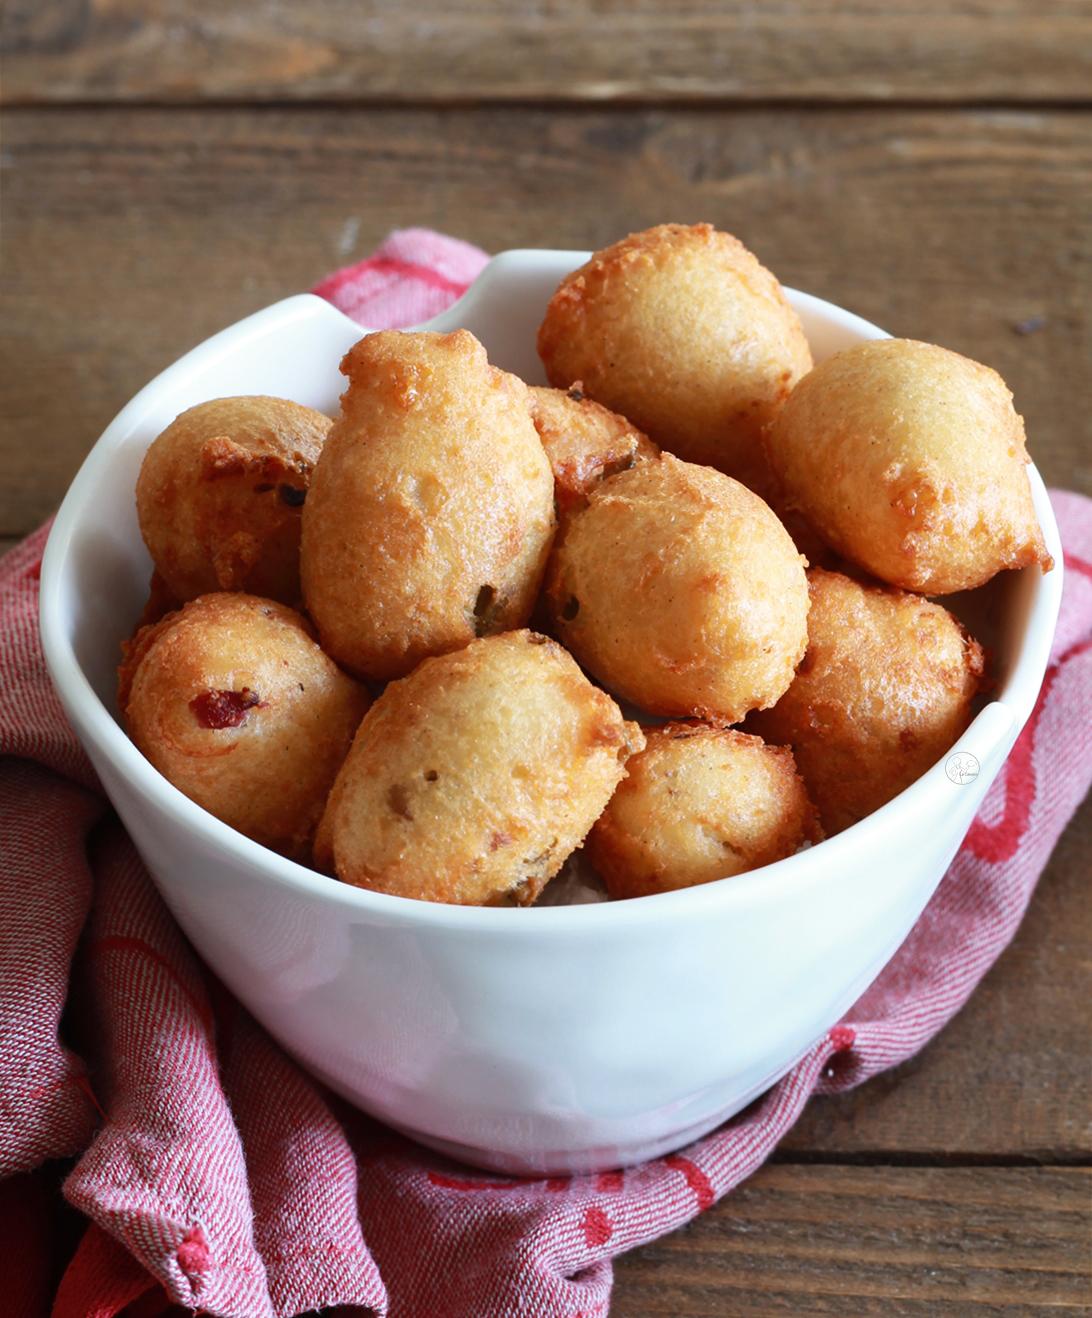 Nuvolette di stracchino senza glutine - La Cassata Celiaca